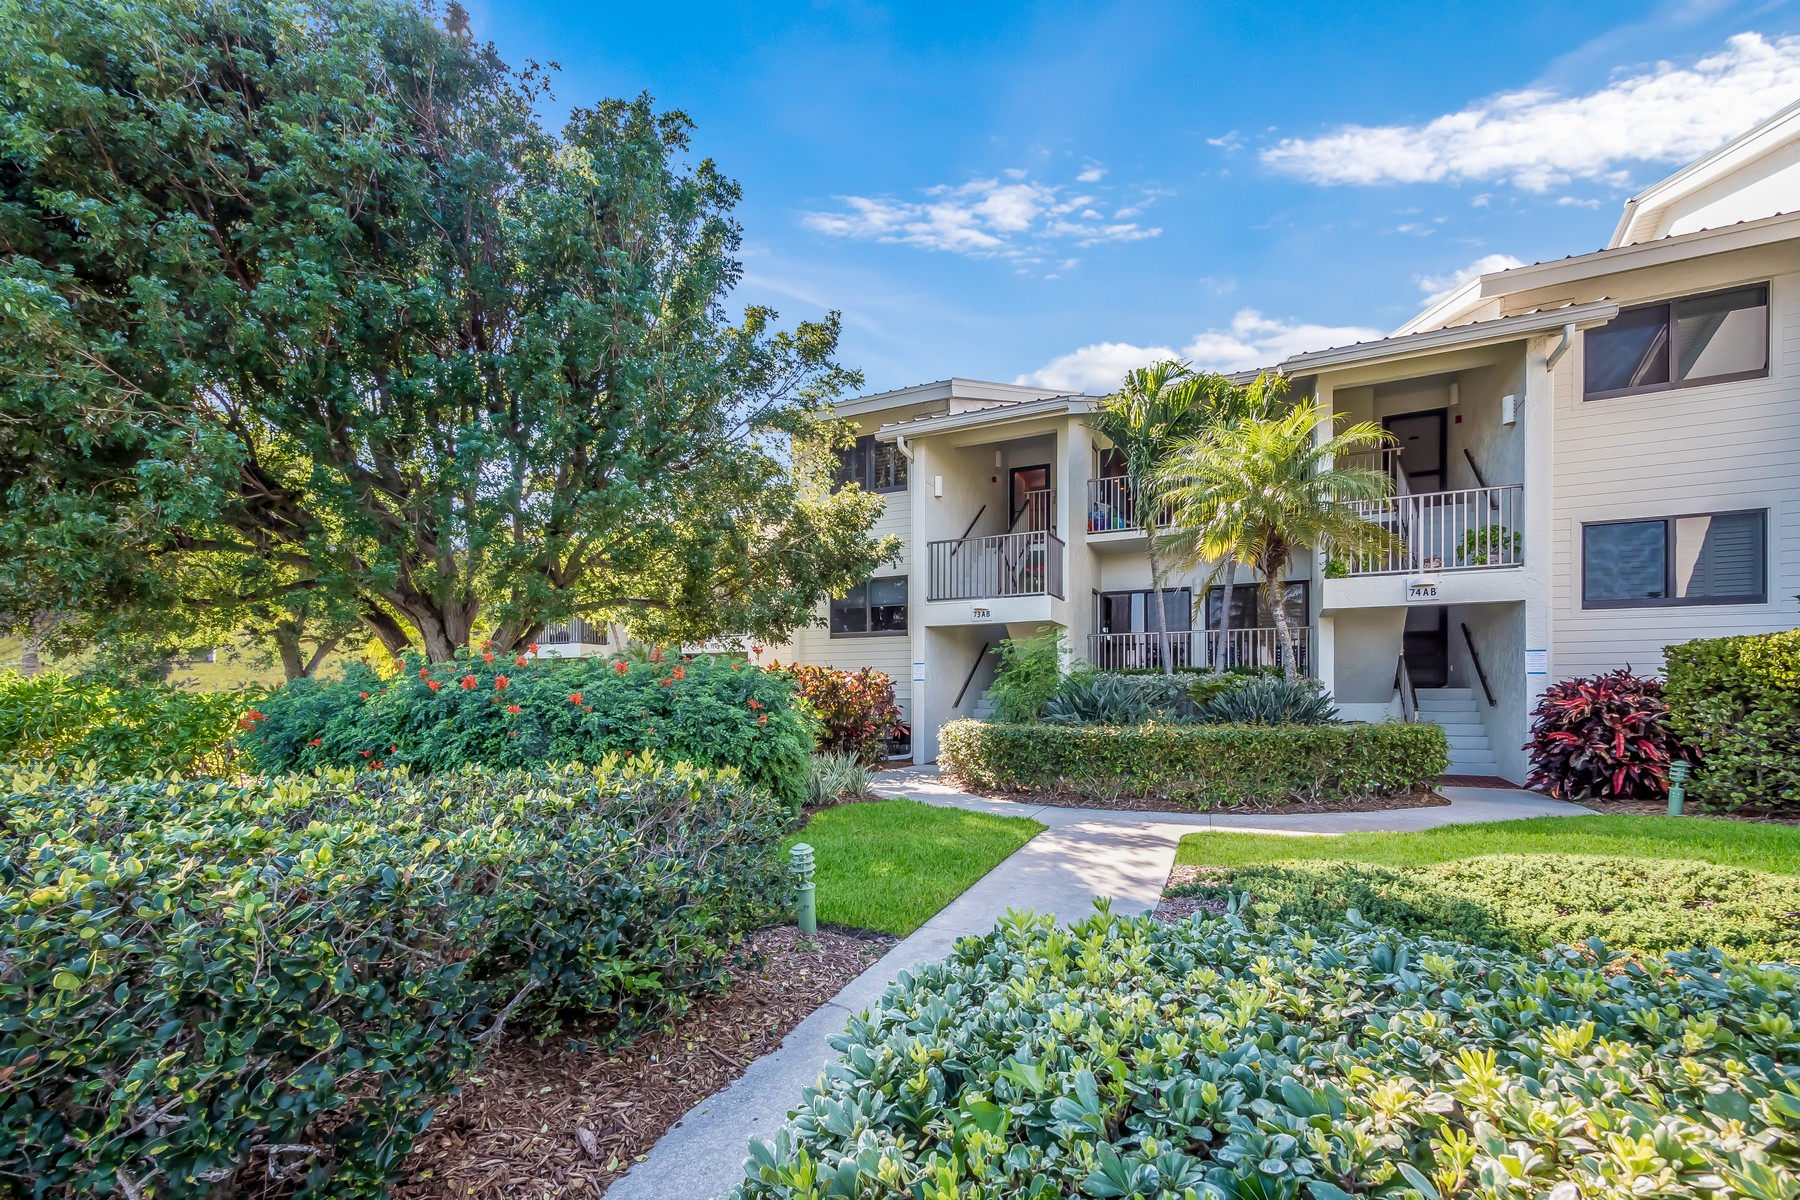 Single Family Home for Sale at 5000 Gasparilla Road 73B 5000 Gasparilla Road Tennis Villa 73B, Boca Grande, Florida, 33921 United States